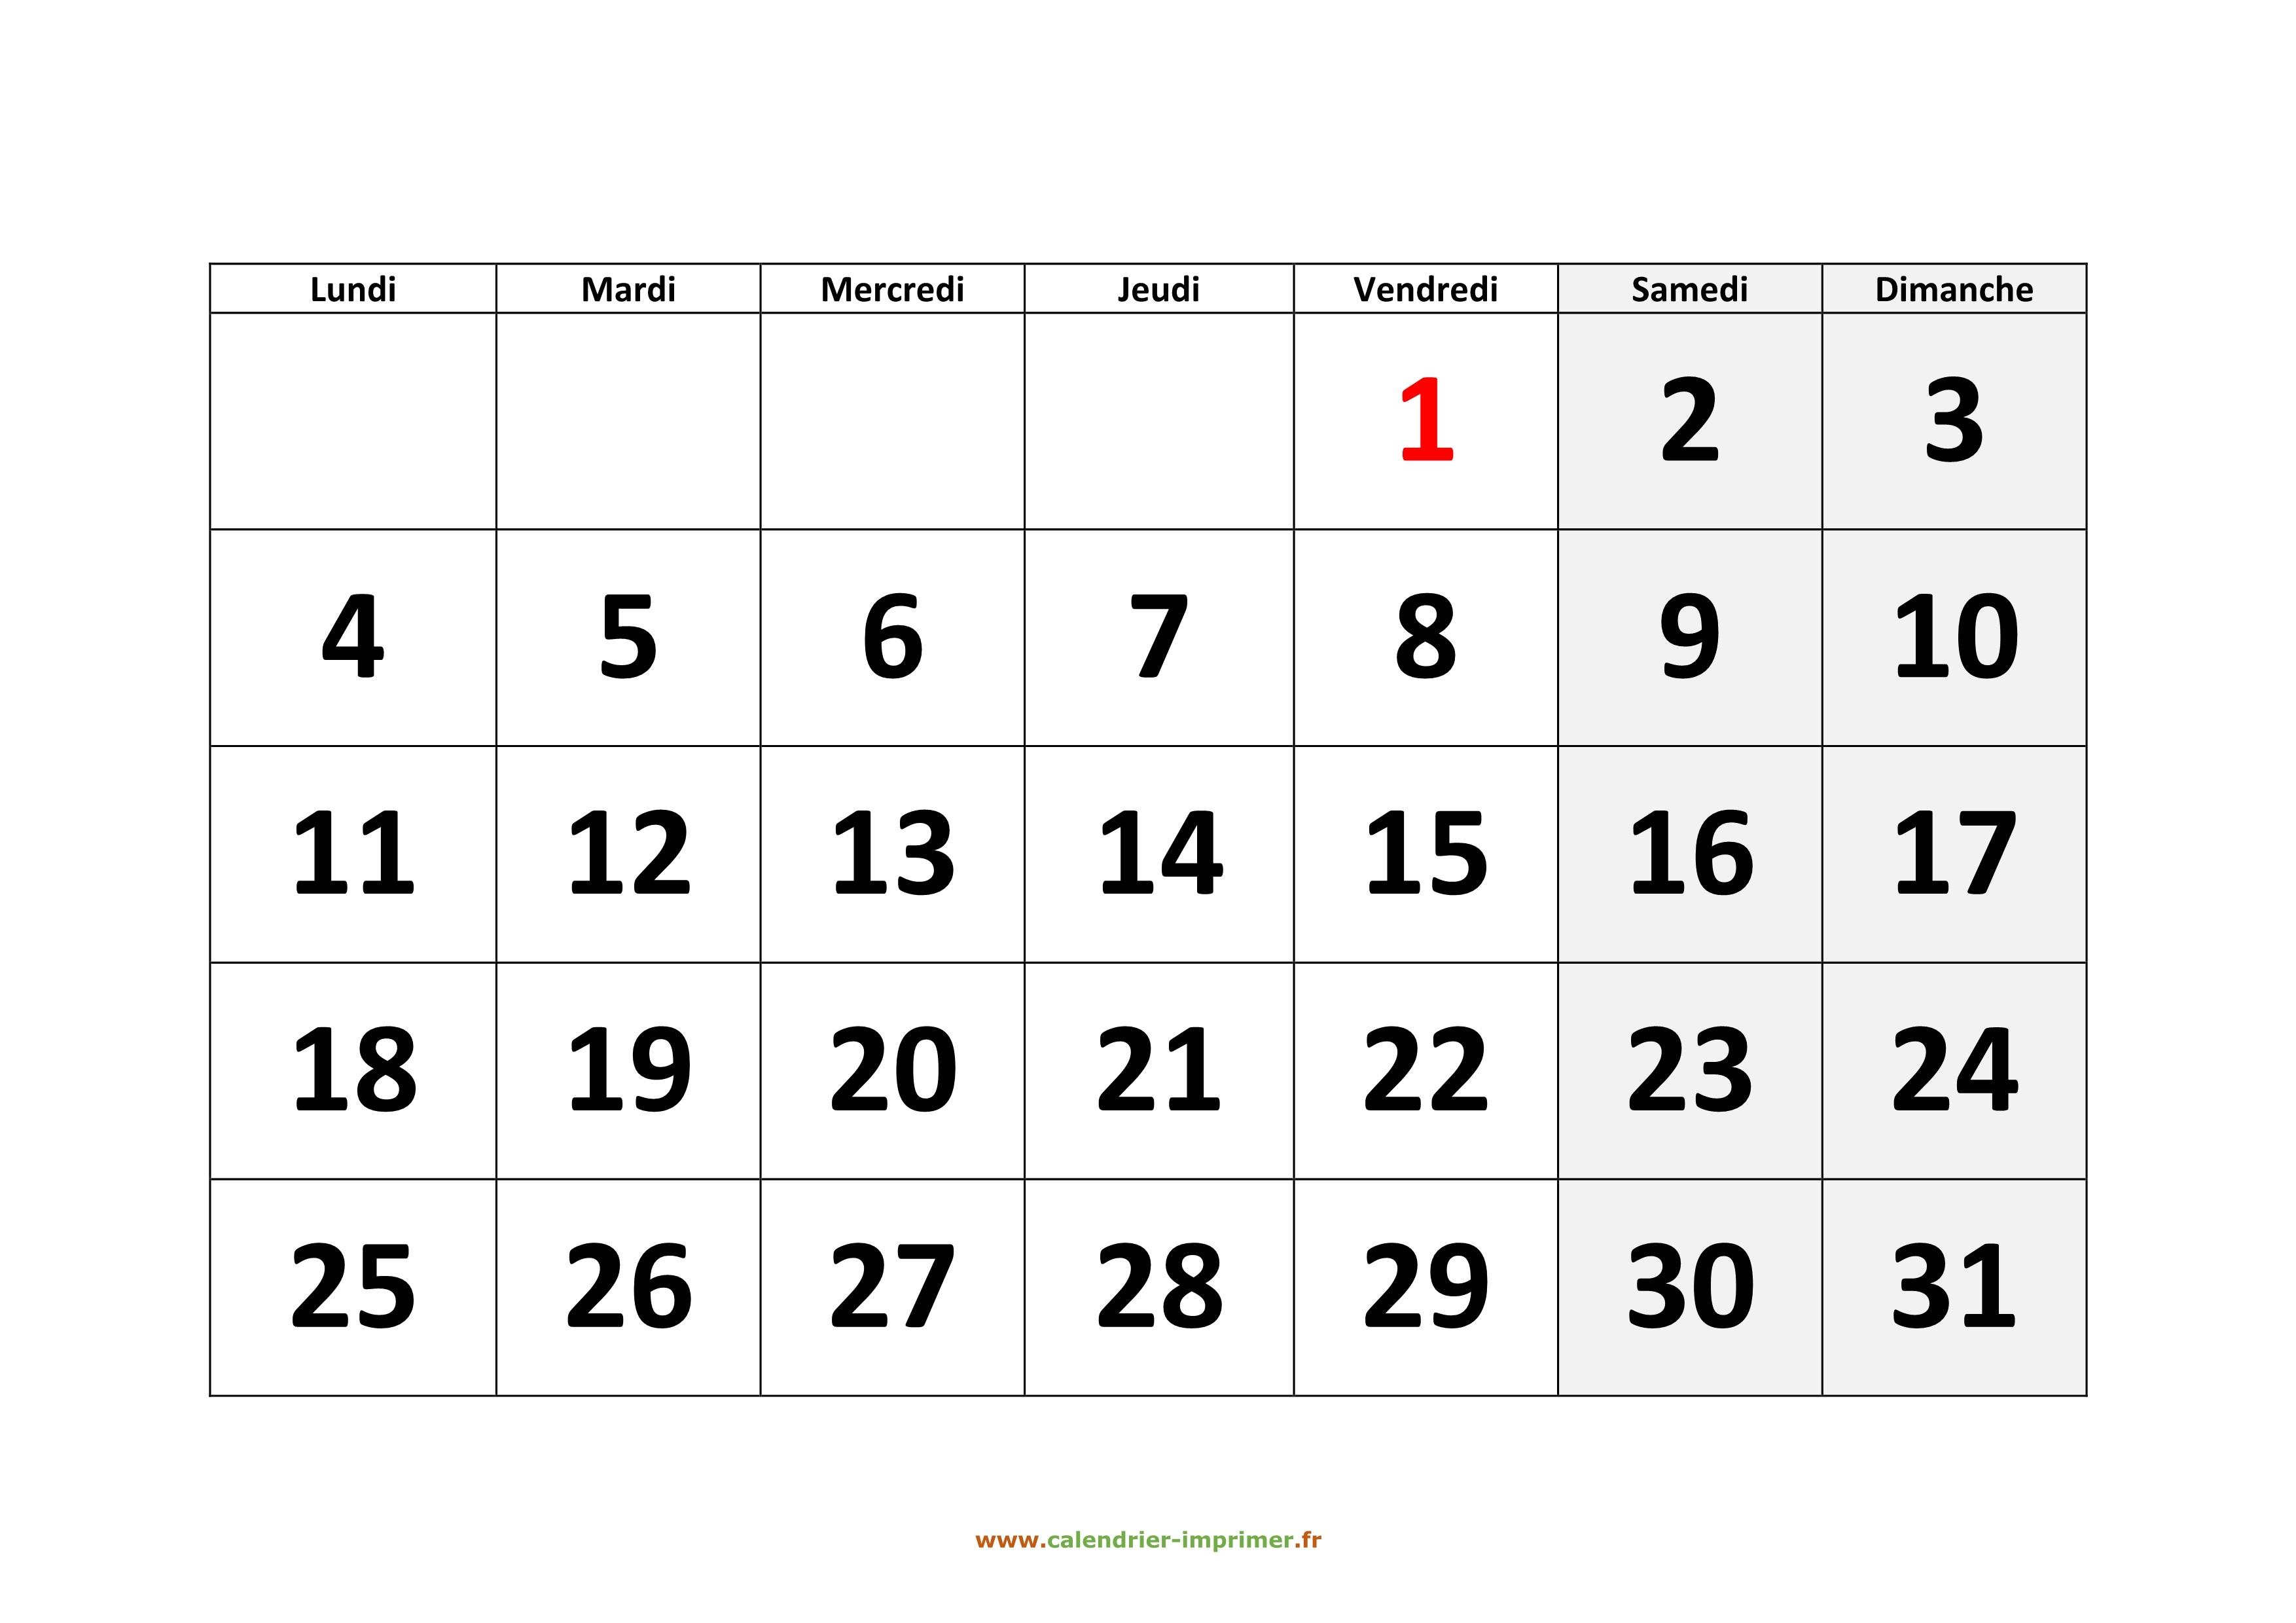 Calendrier Mensuel à Imprimer 2021 Calendrier 2021 à imprimer gratuit